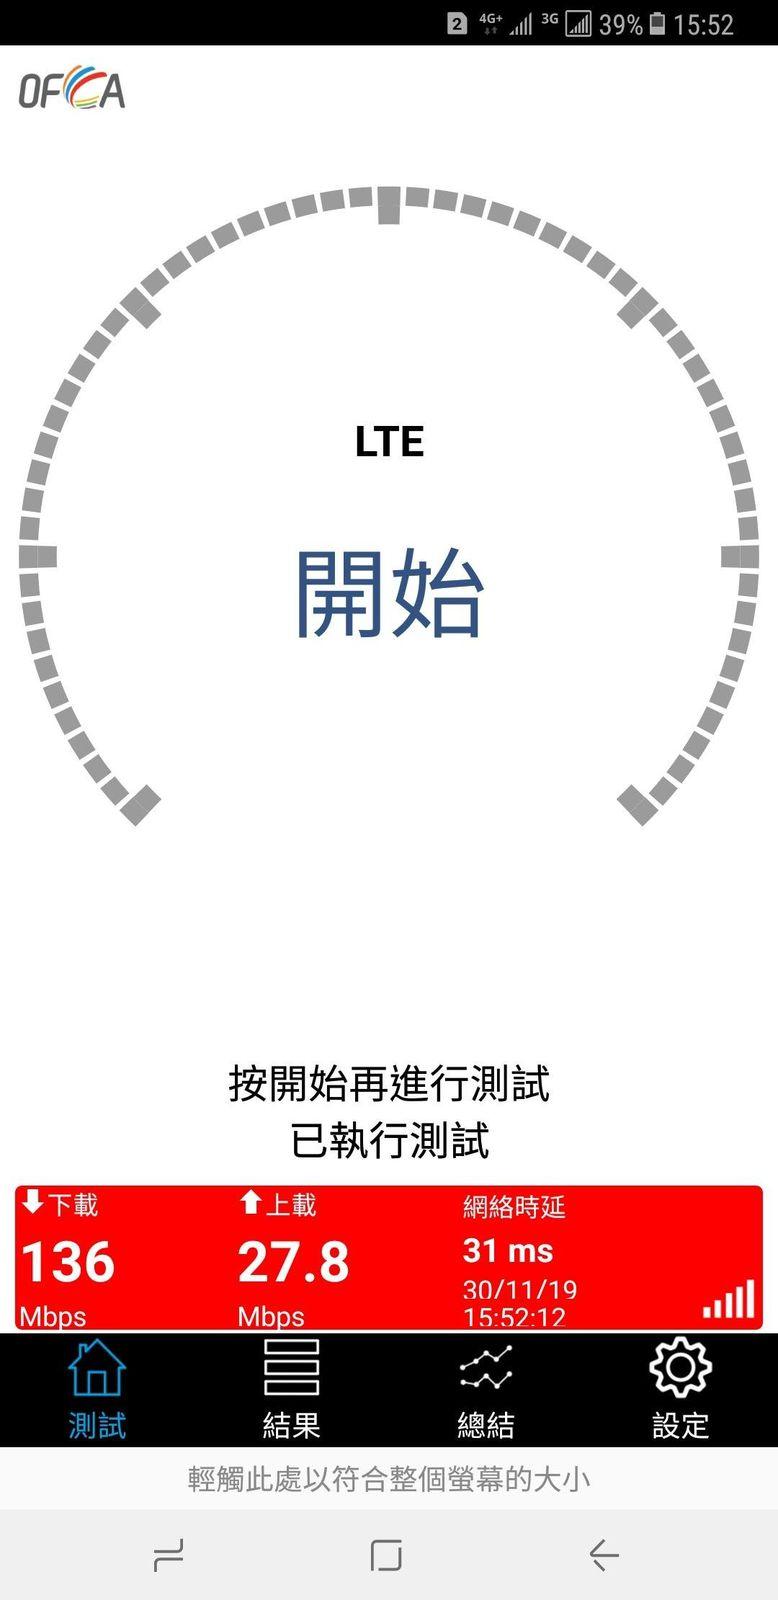 荃錦中心OFCA速度 (1).jpg